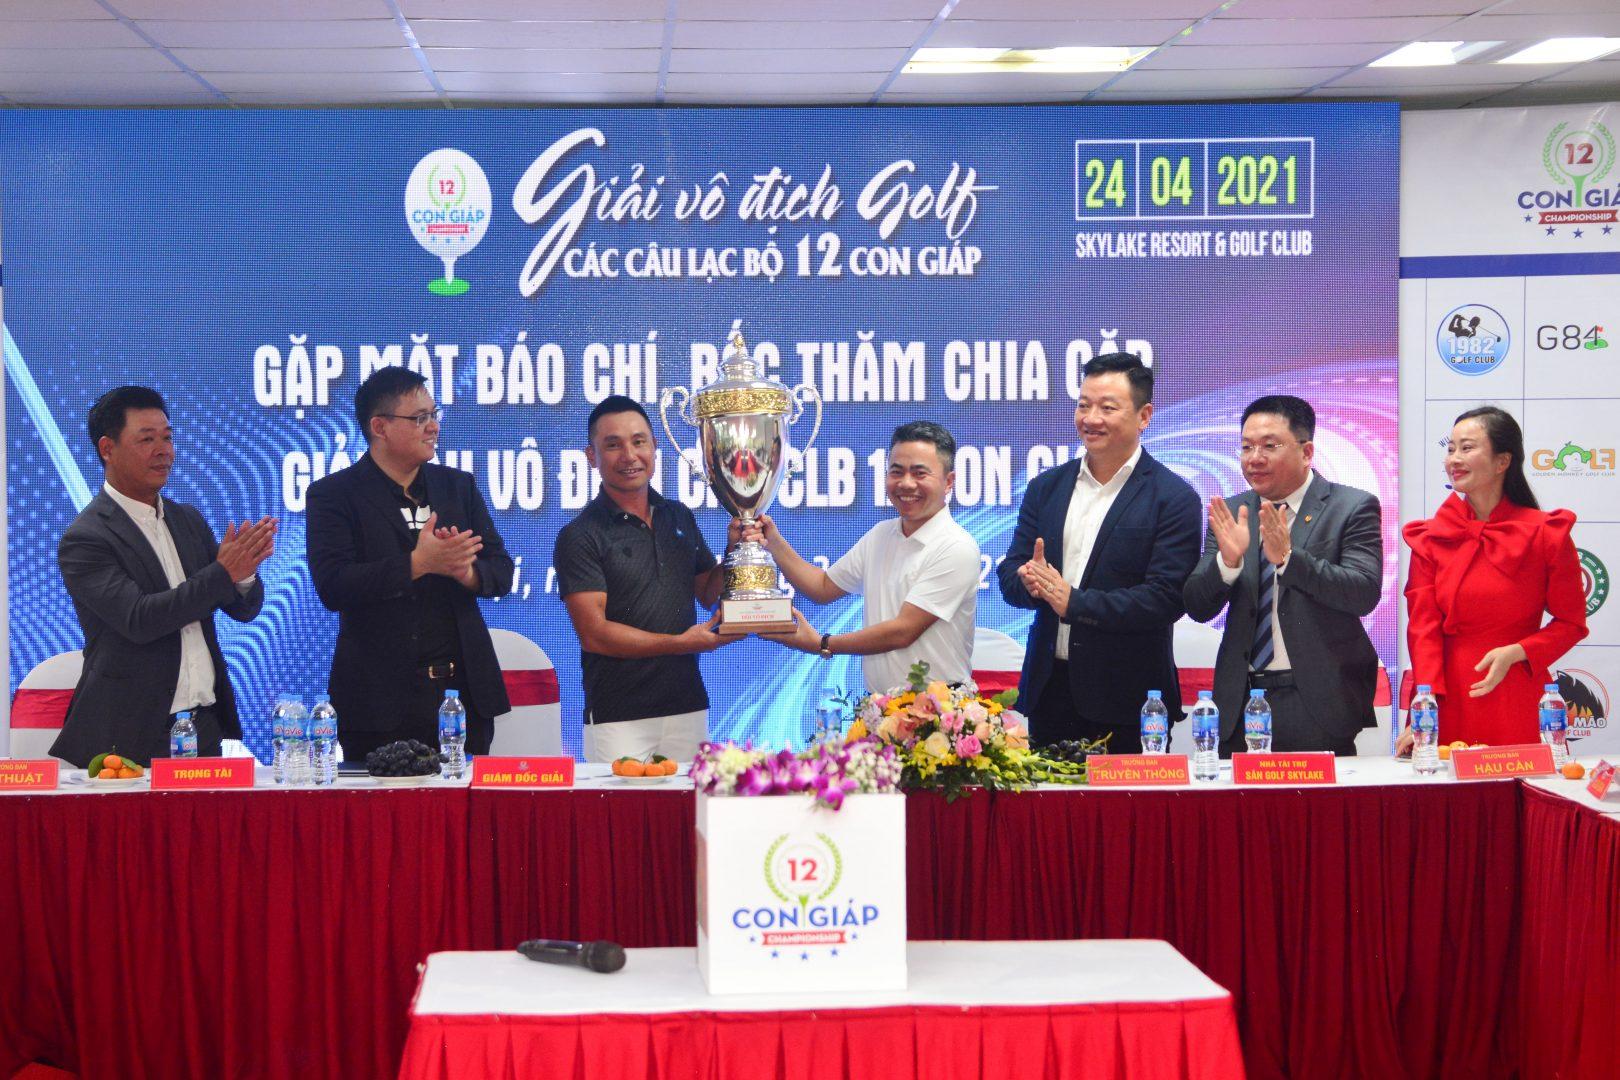 ĐKVĐ giải năm 2020 trao lại cup cho Ban tổ chức